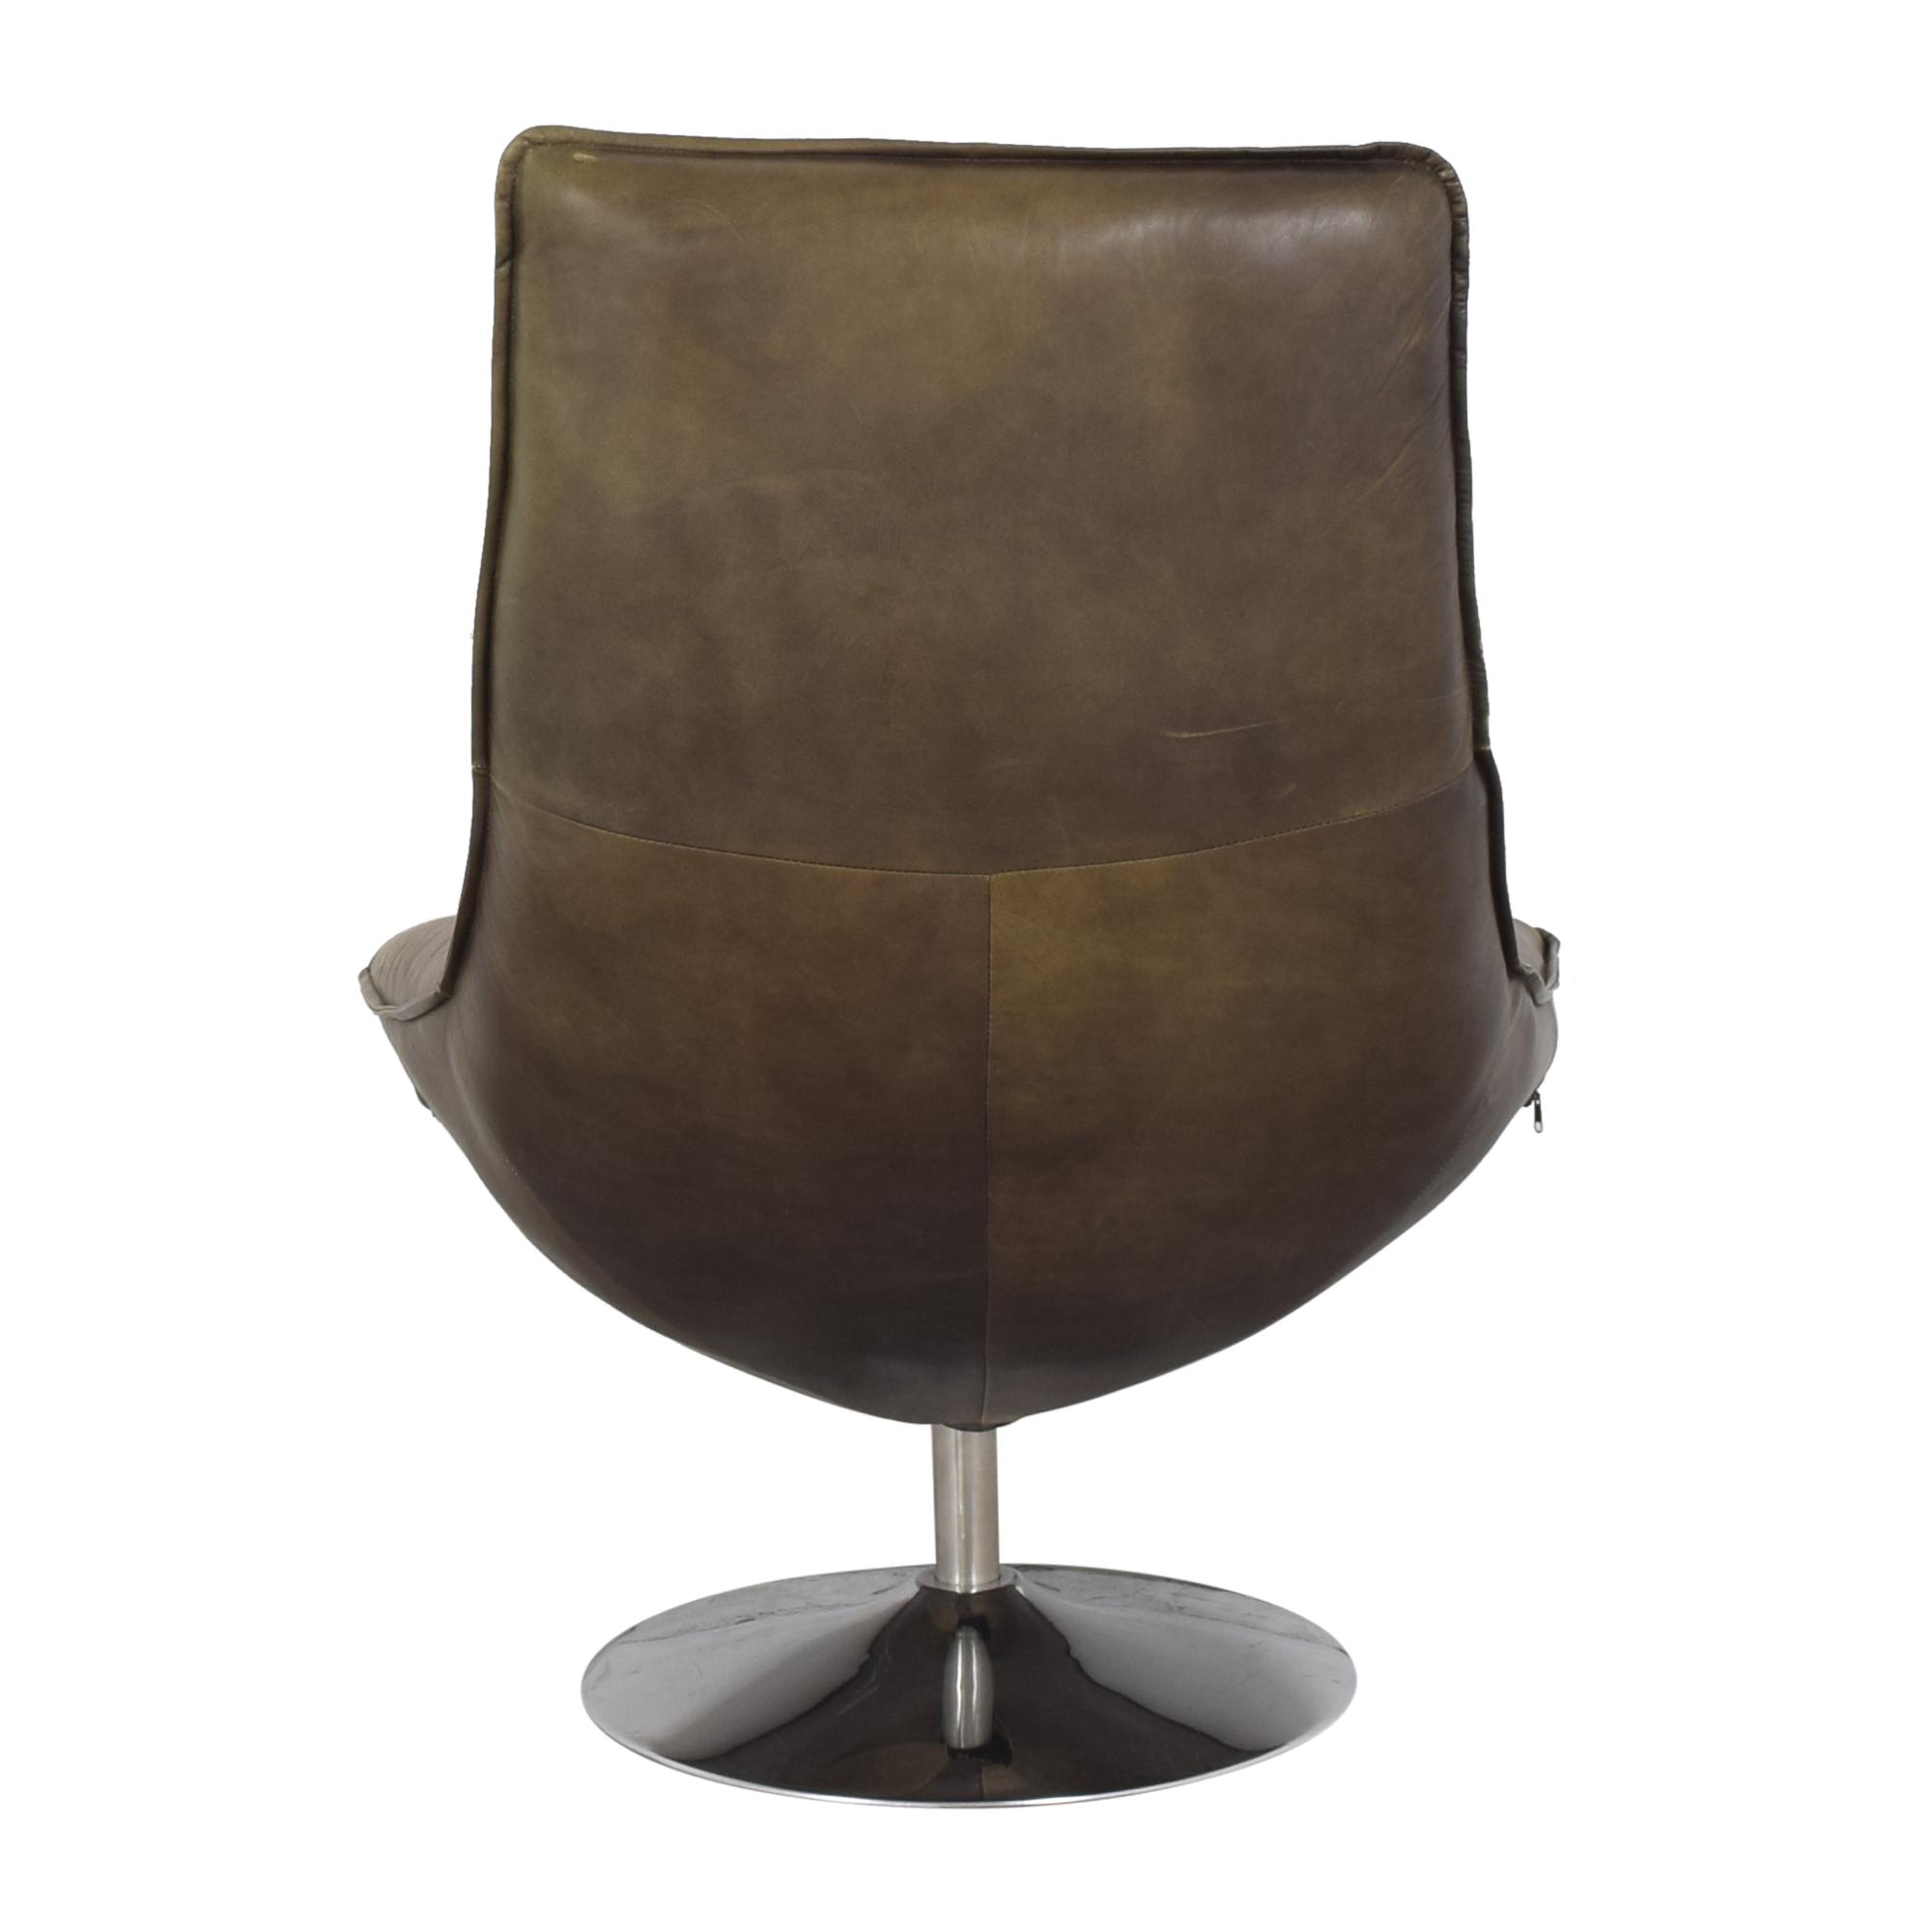 Restoration Hardware Restoration Hardware Hopper Swivel Bucket Chair pa